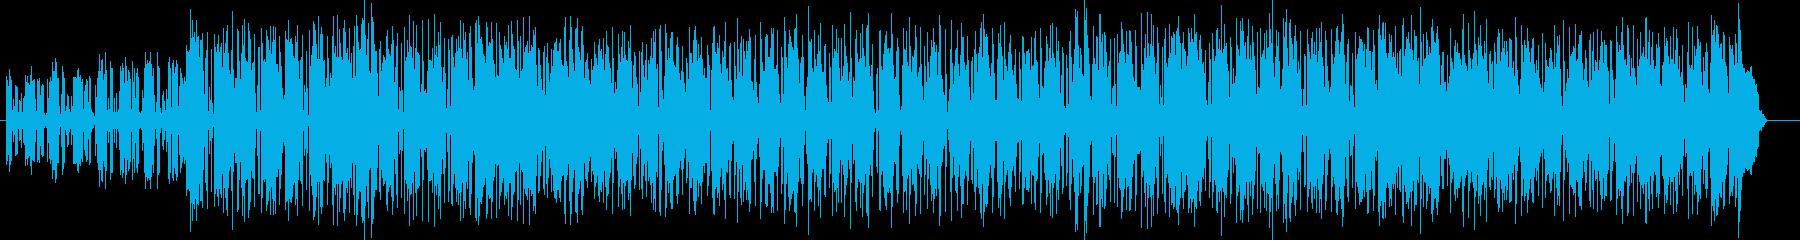 アップテンポで軽快なポップスの再生済みの波形